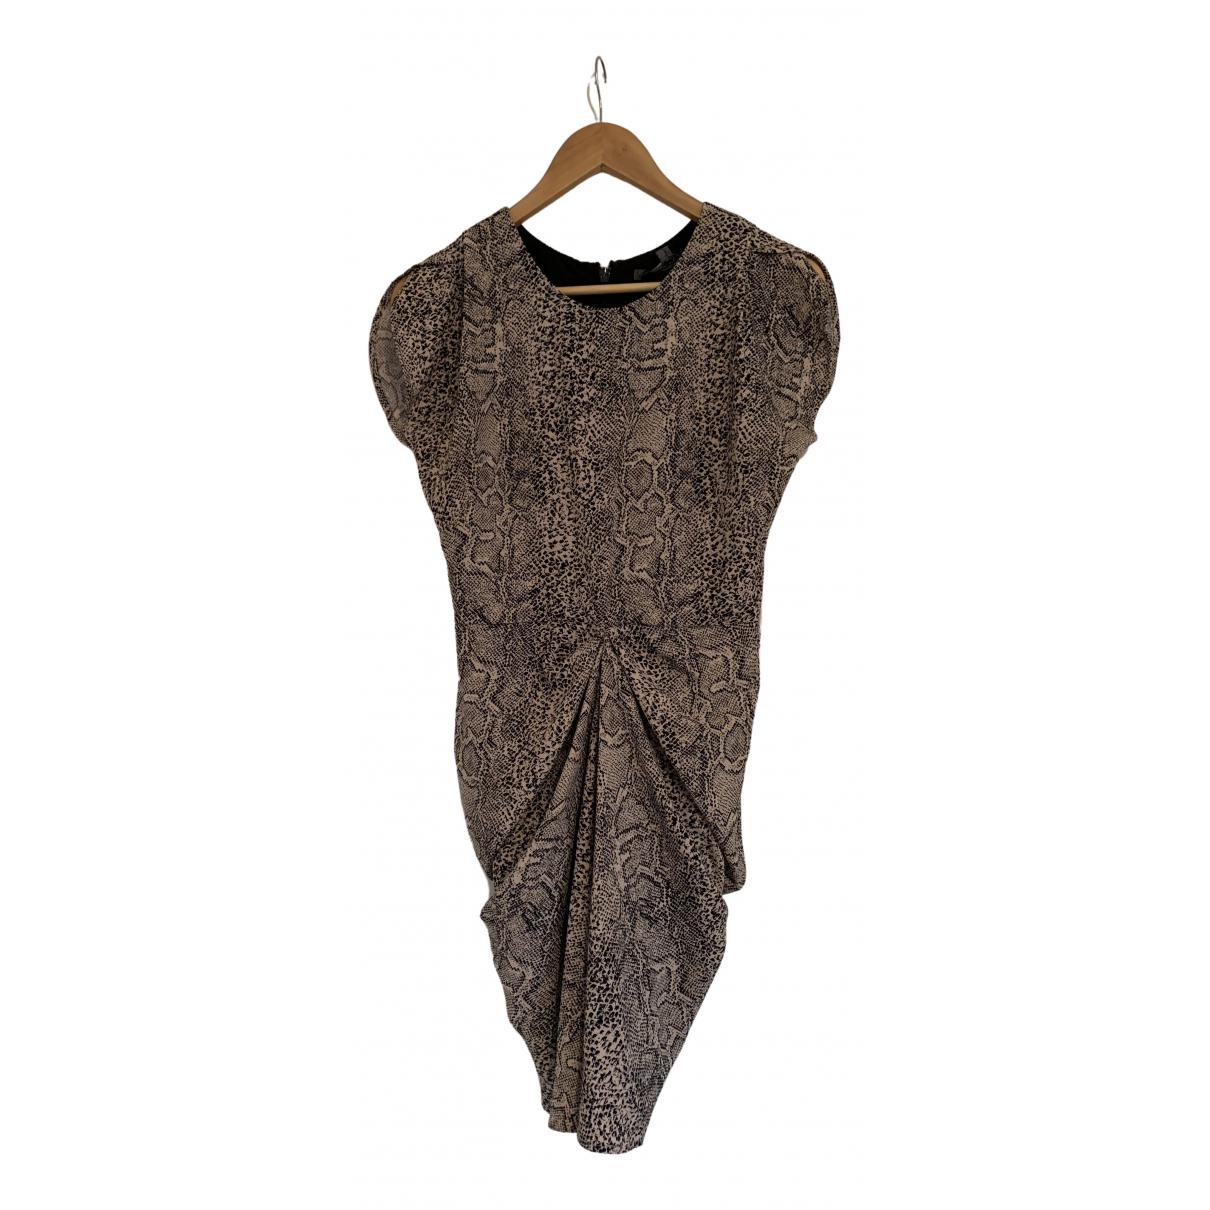 Guess \N Kleid in  Beige Polyester